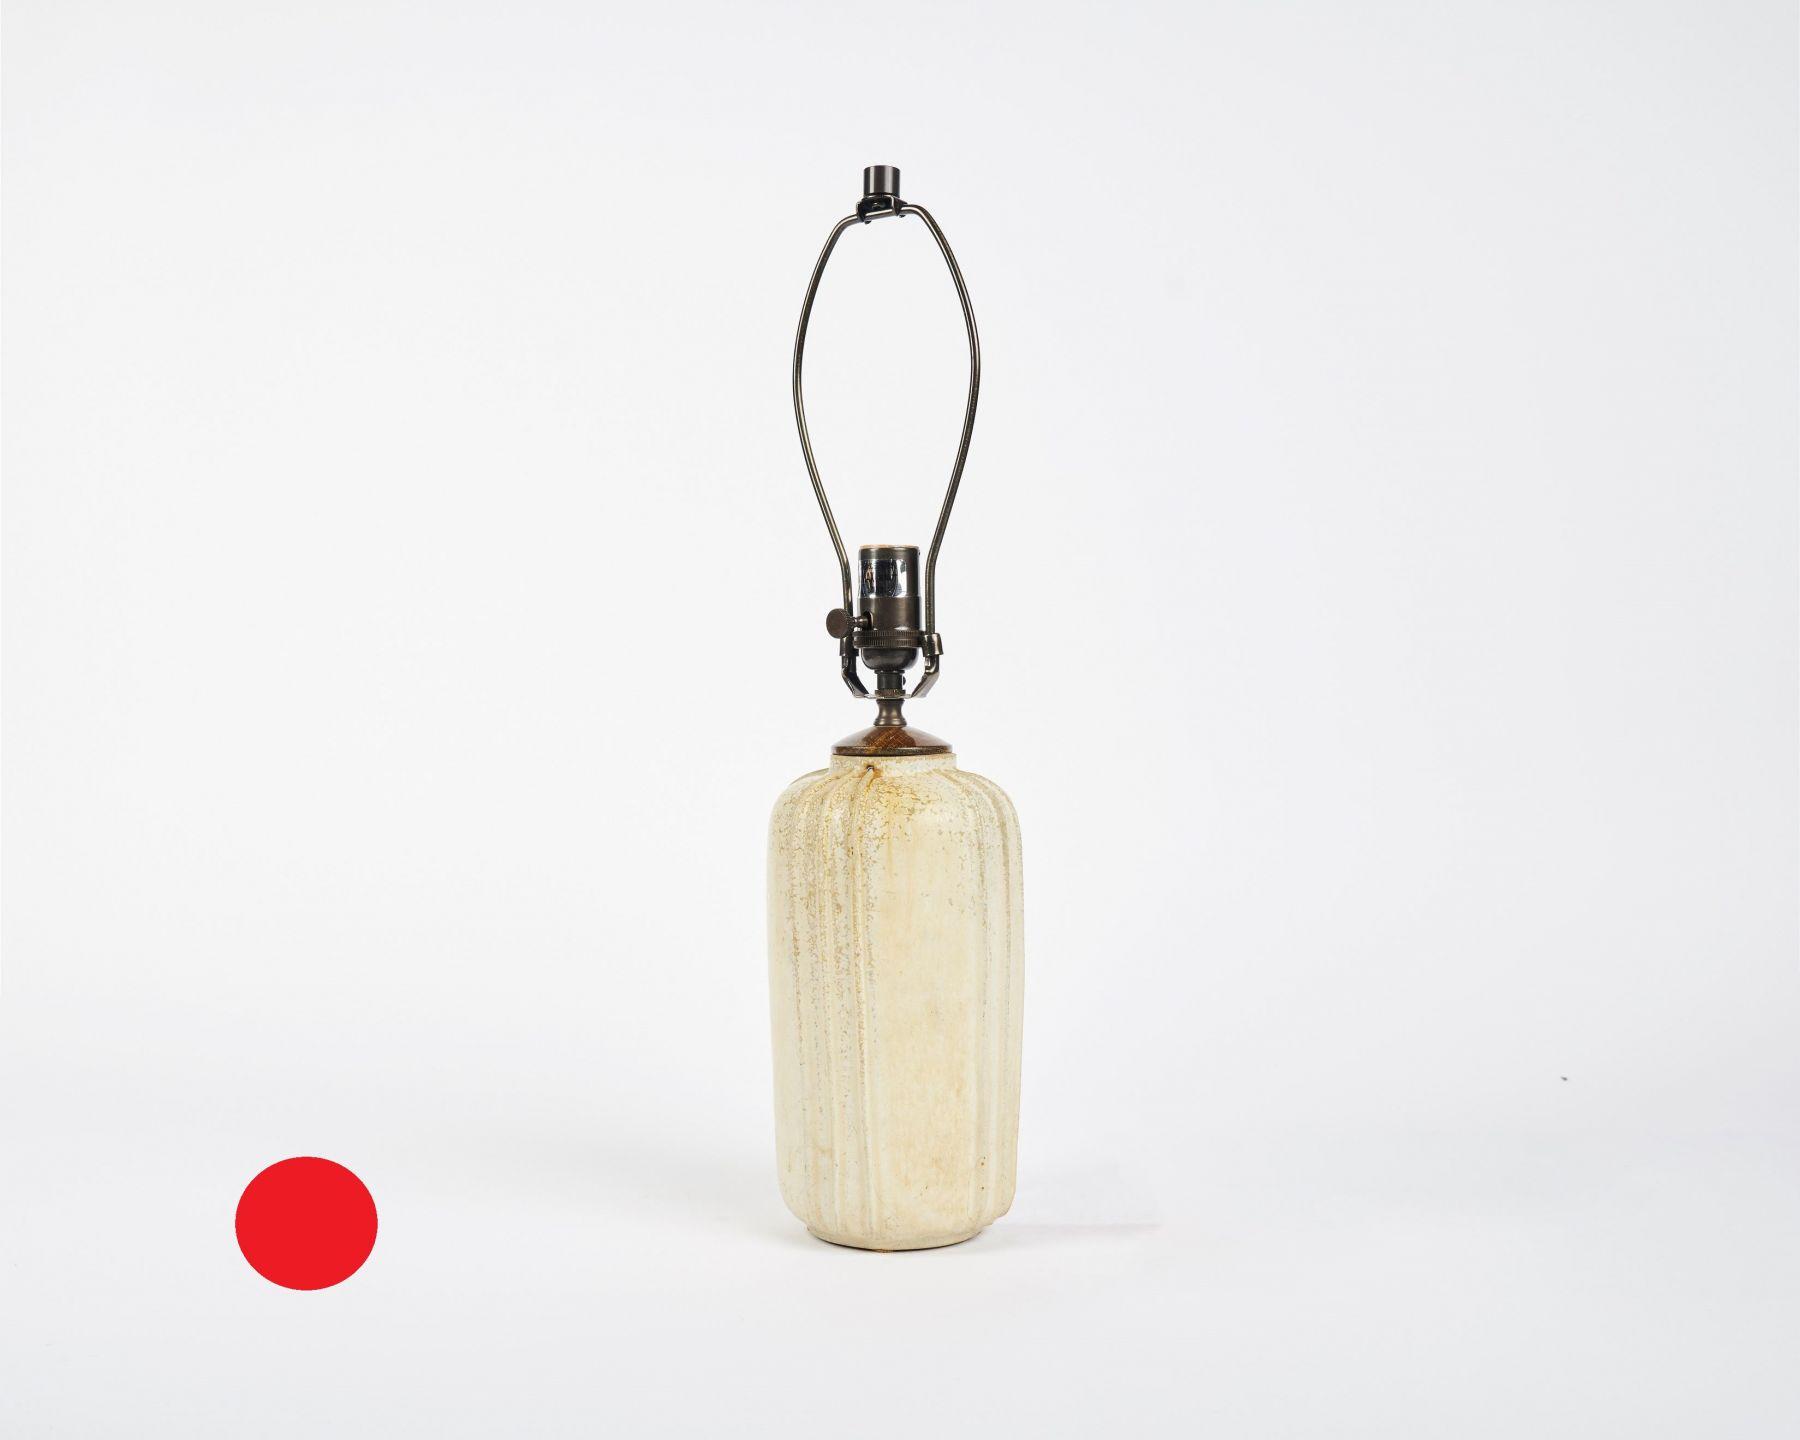 BAng lamp sold